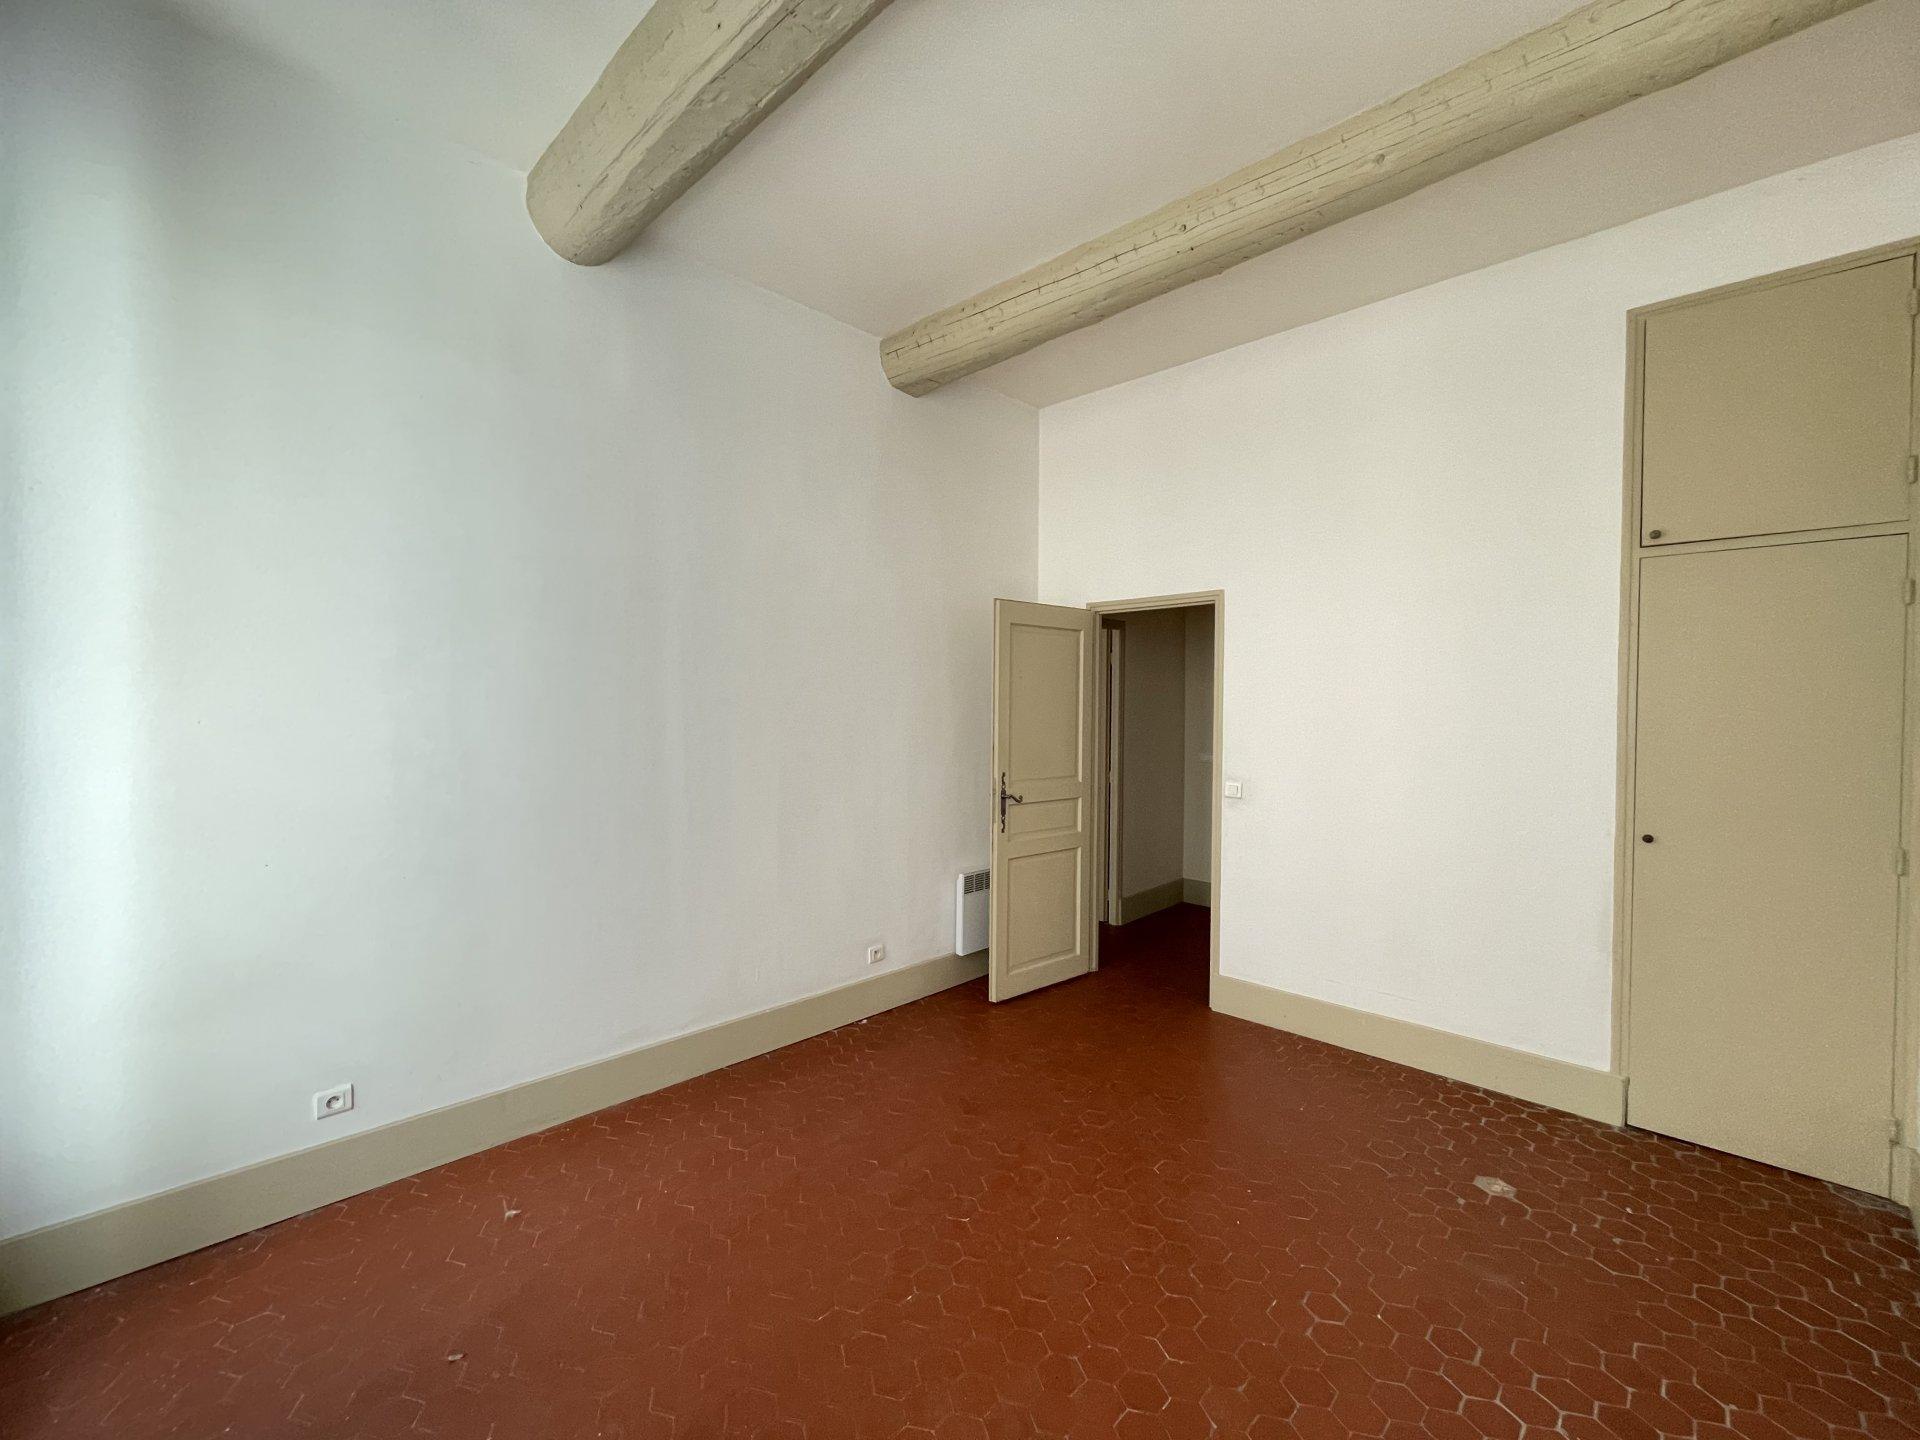 Vente Appartement BEAUCAIRE surface habitable de 115 m²